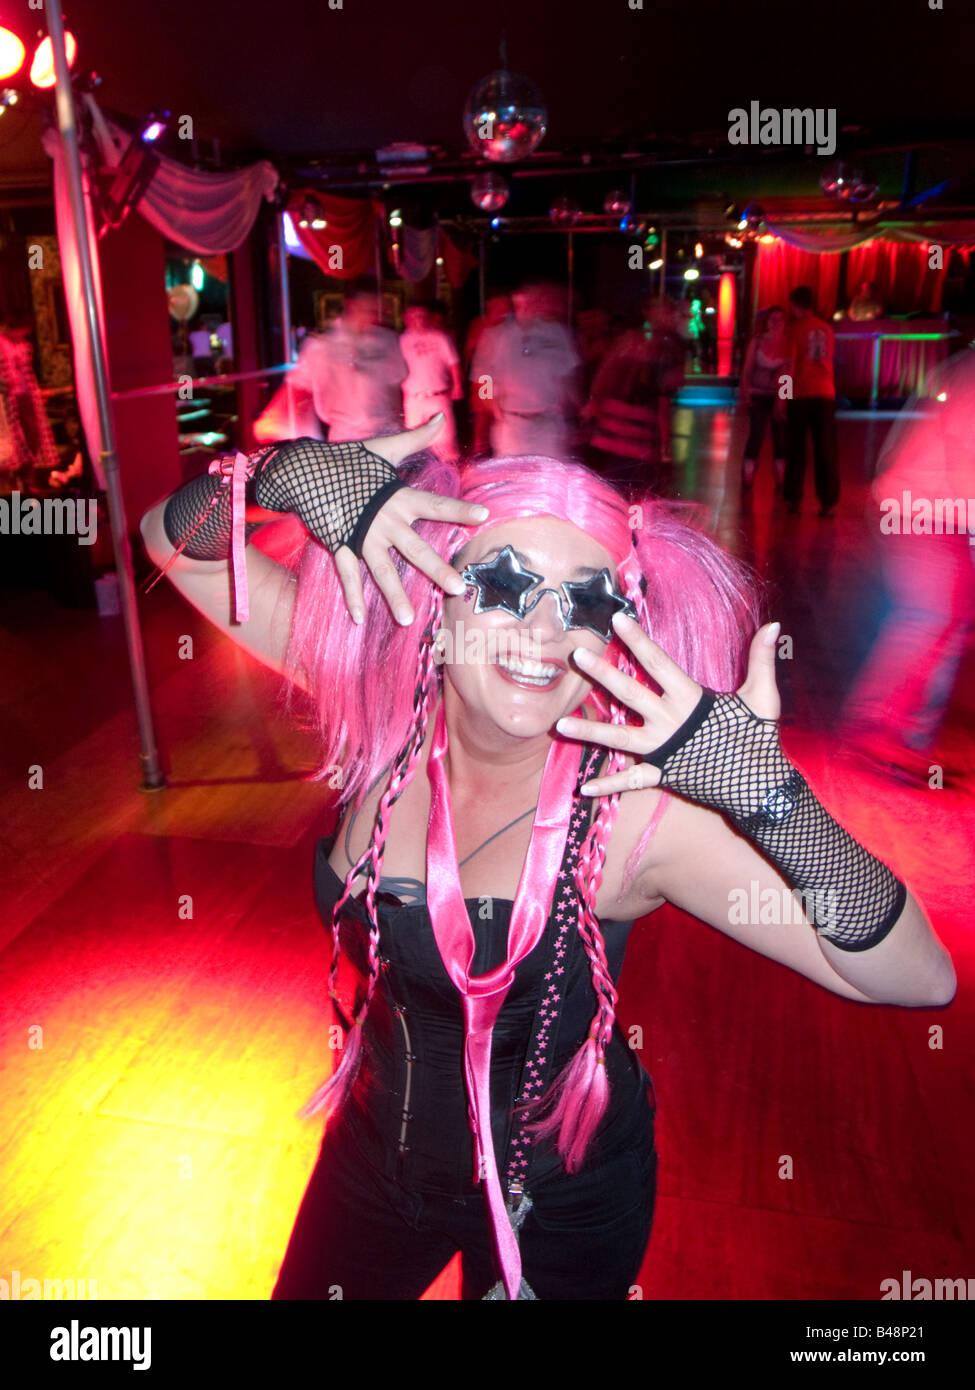 Giovane donna negli anni settanta vestiti a rullo in discoteca Camere rinascimentale in London, England, Regno Unito Immagini Stock